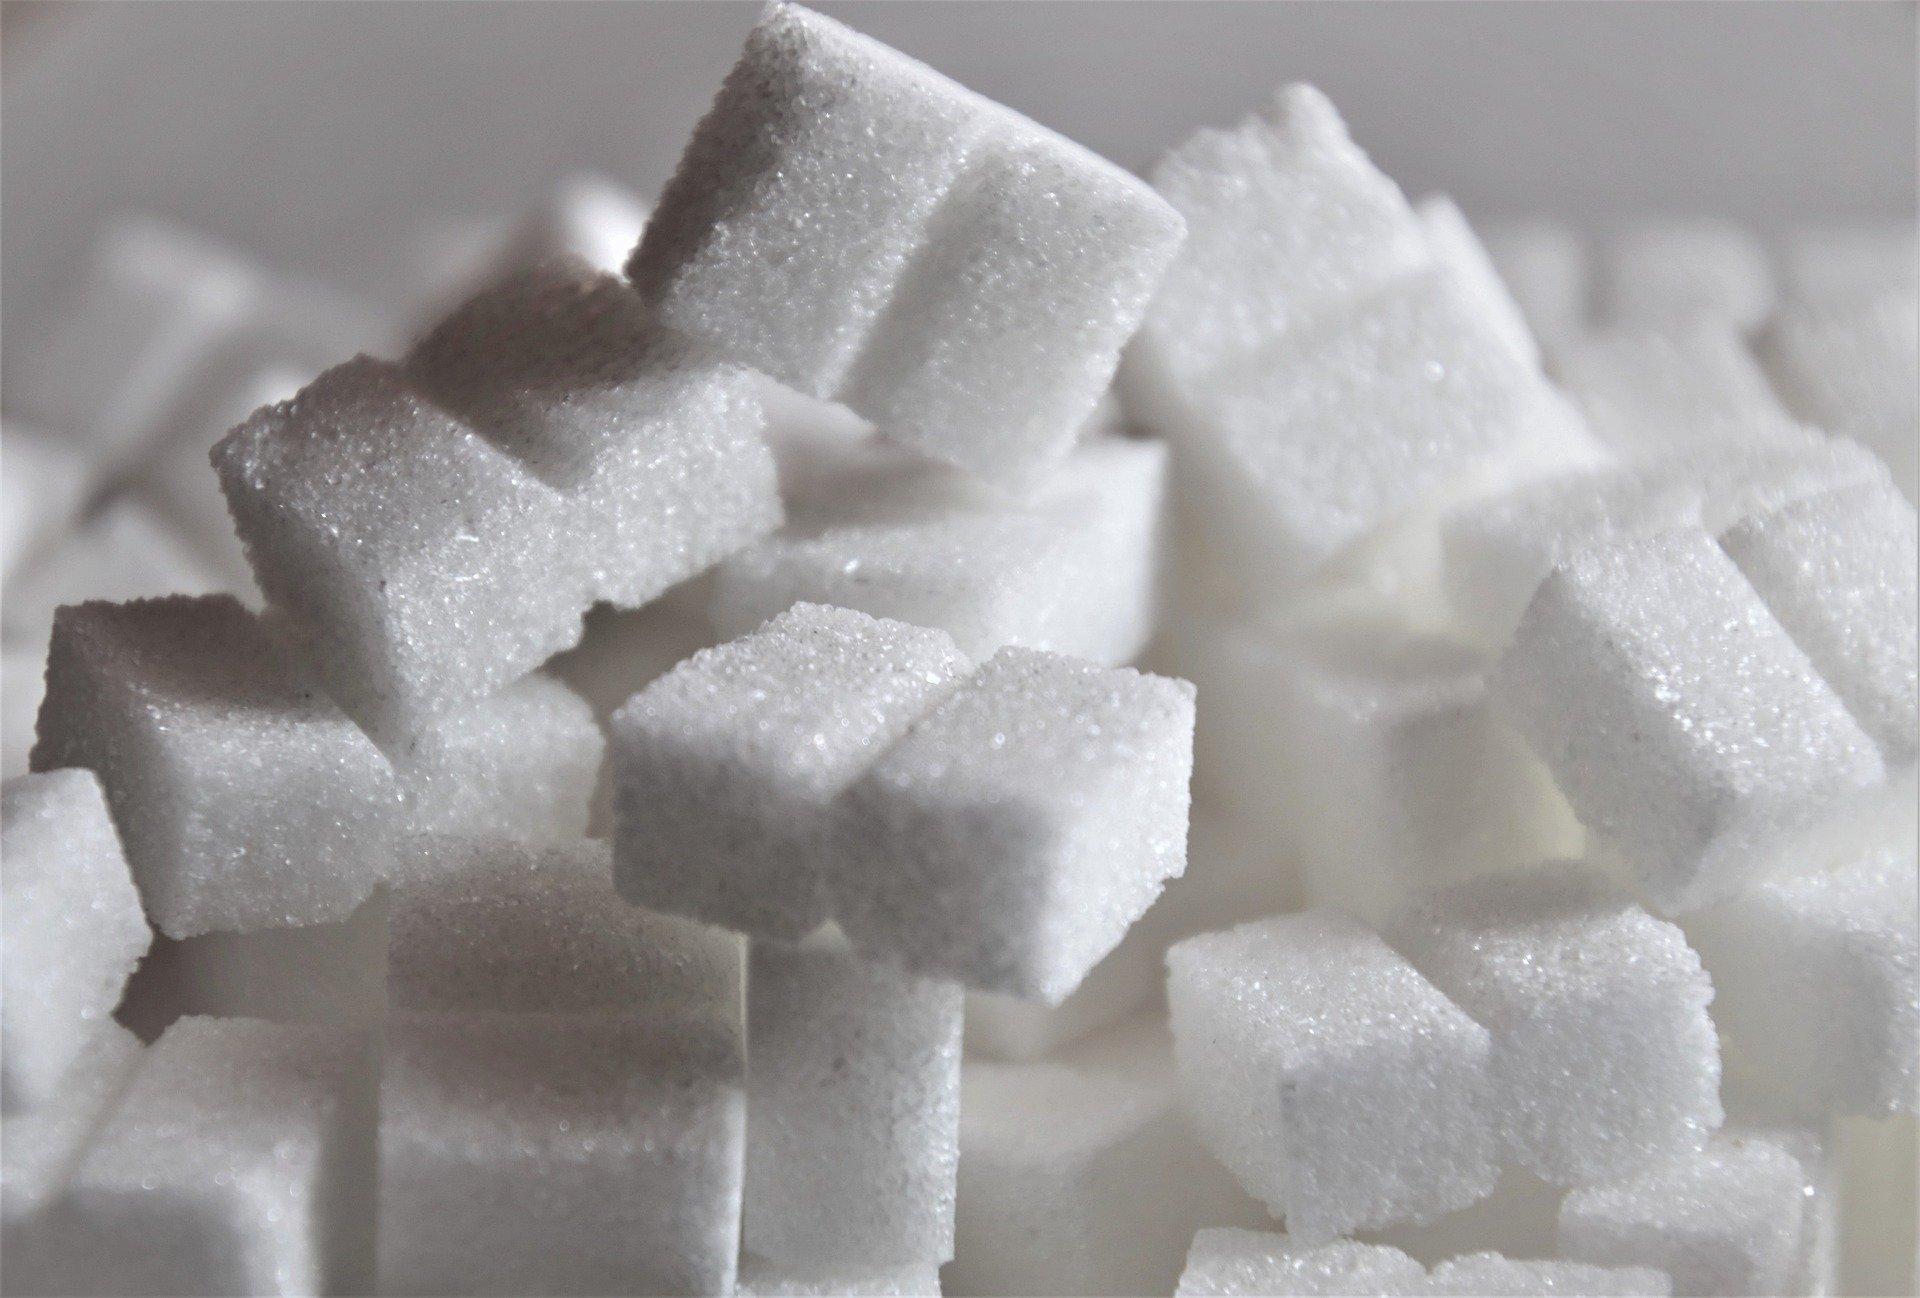 Фруктоза: скрытая причина дряблости (не калорий или недостатка упражнений)